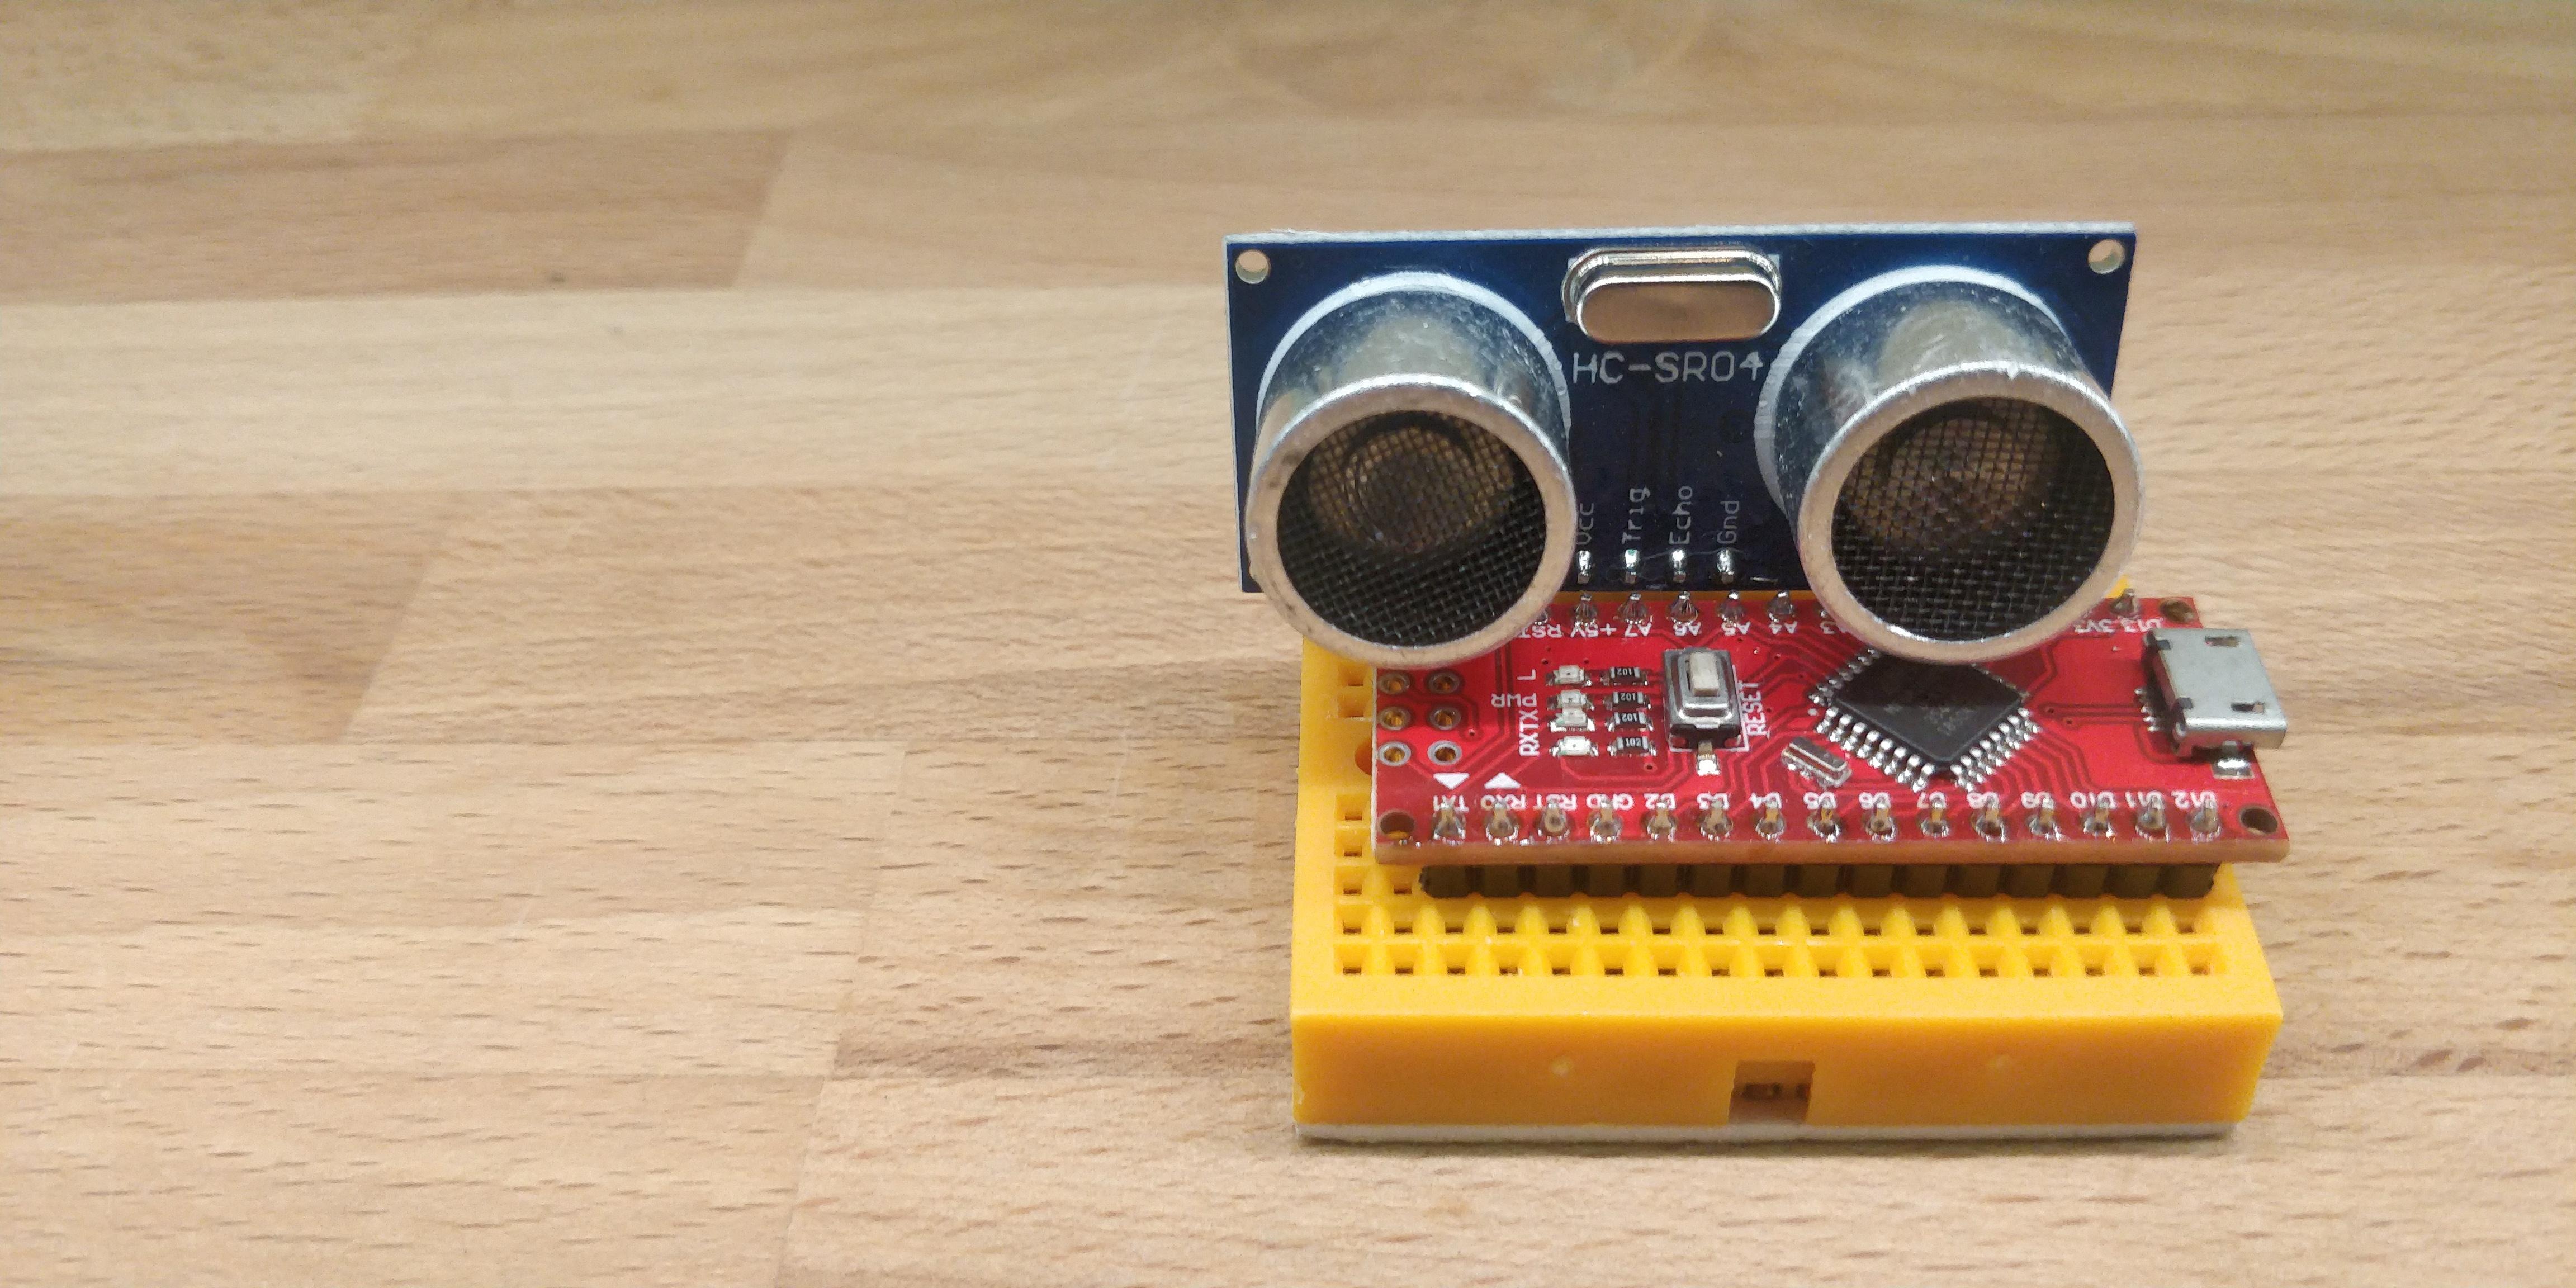 Lab – Een Arduino library downloaden